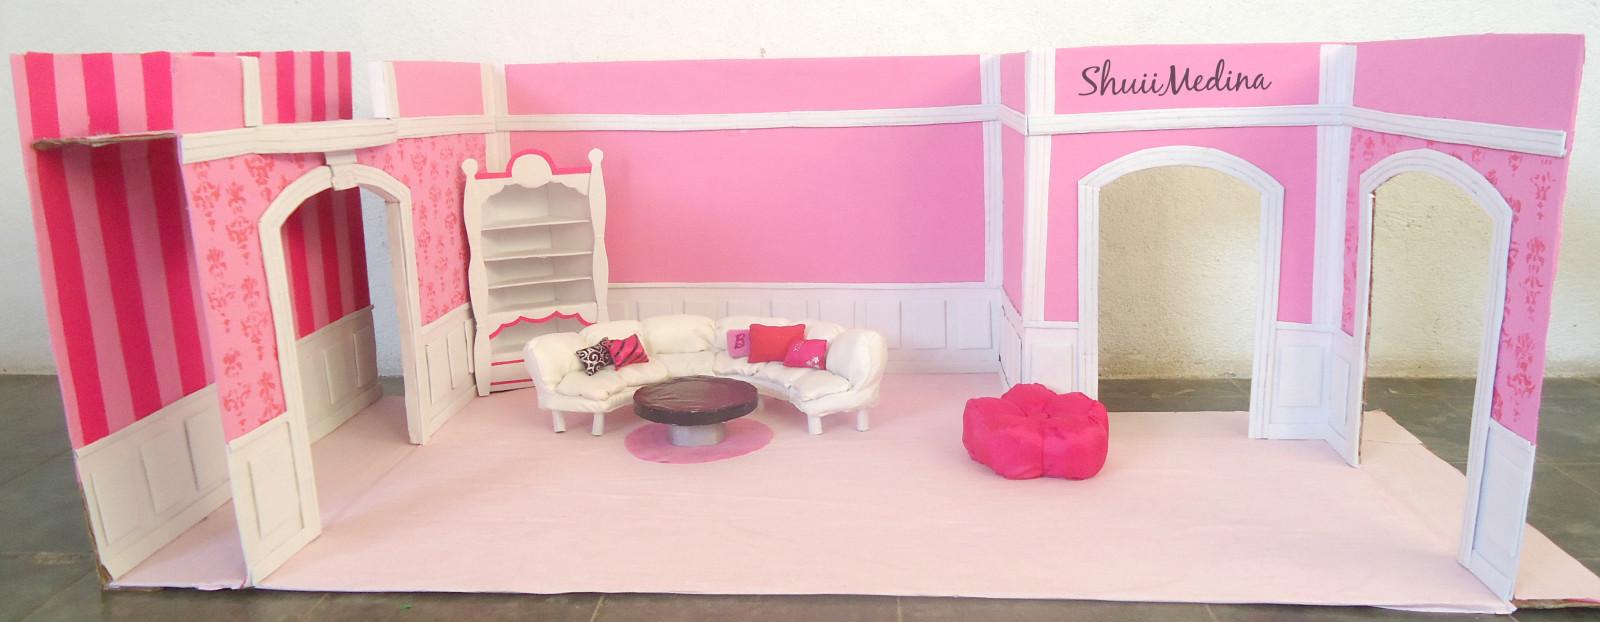 Fondos de pantalla : rosado, producto, mueble, habitación, cama ...